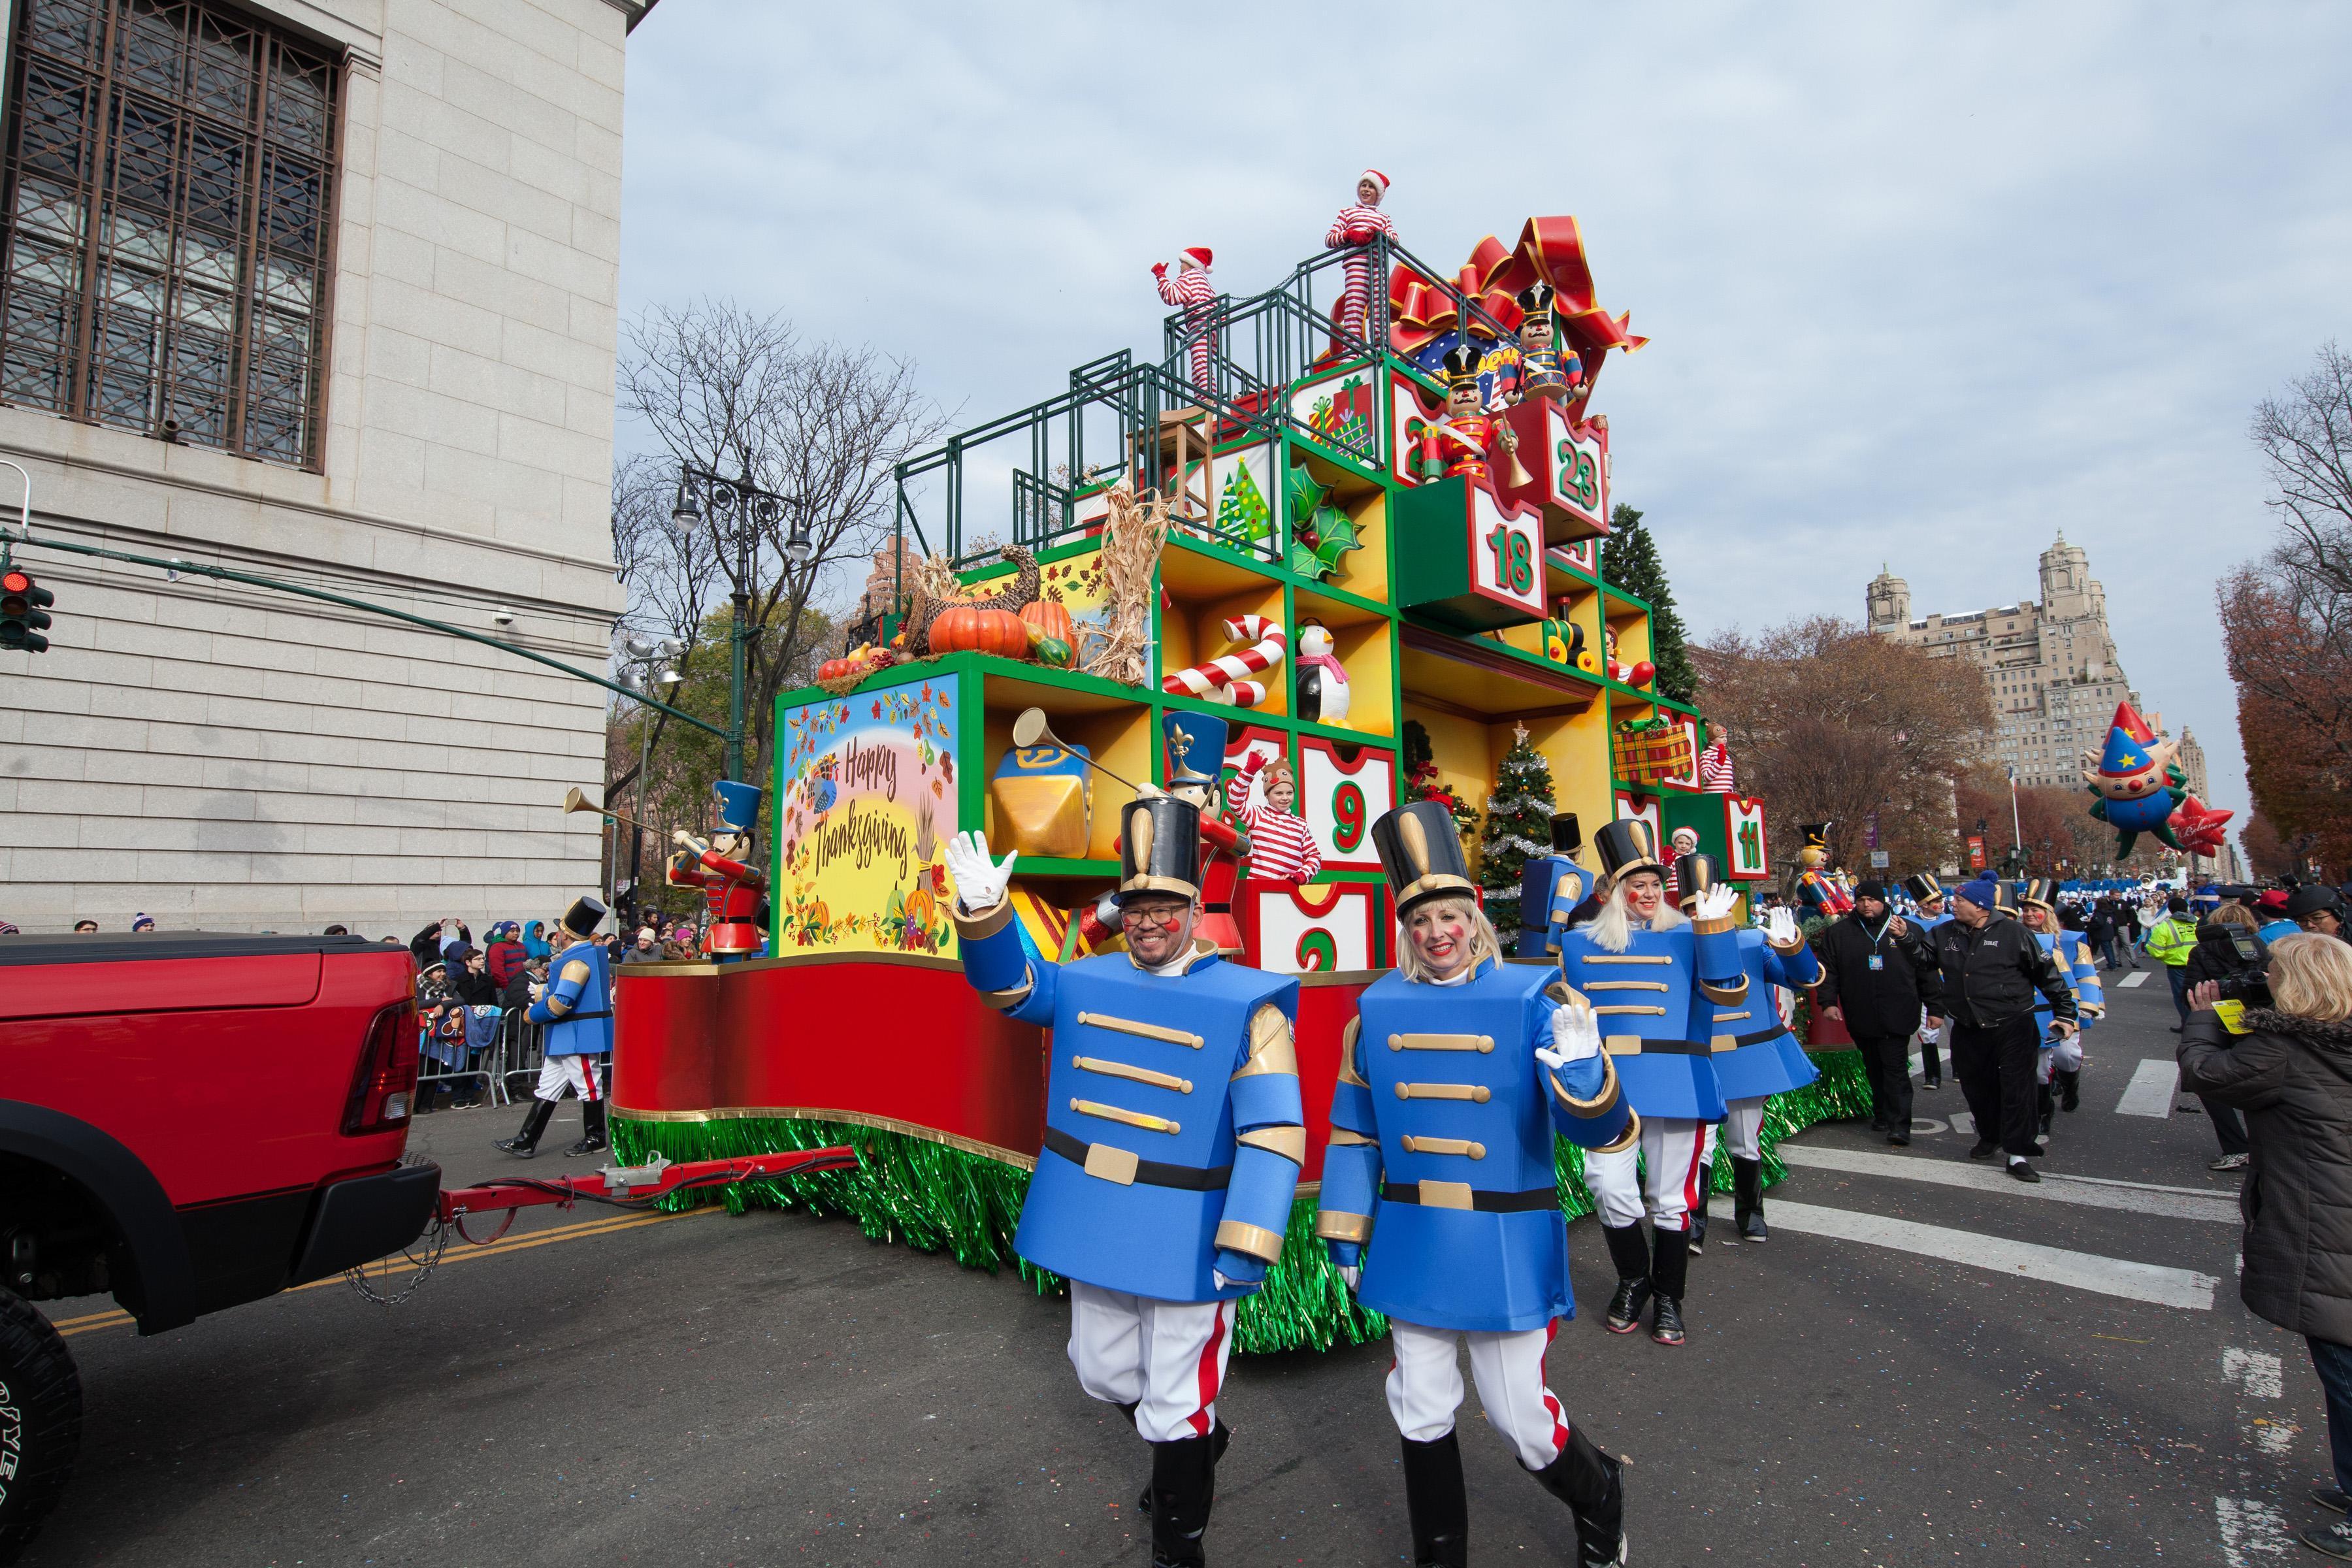 梅西百货感恩节大游行 Macy's Thanksgiving Day Parade